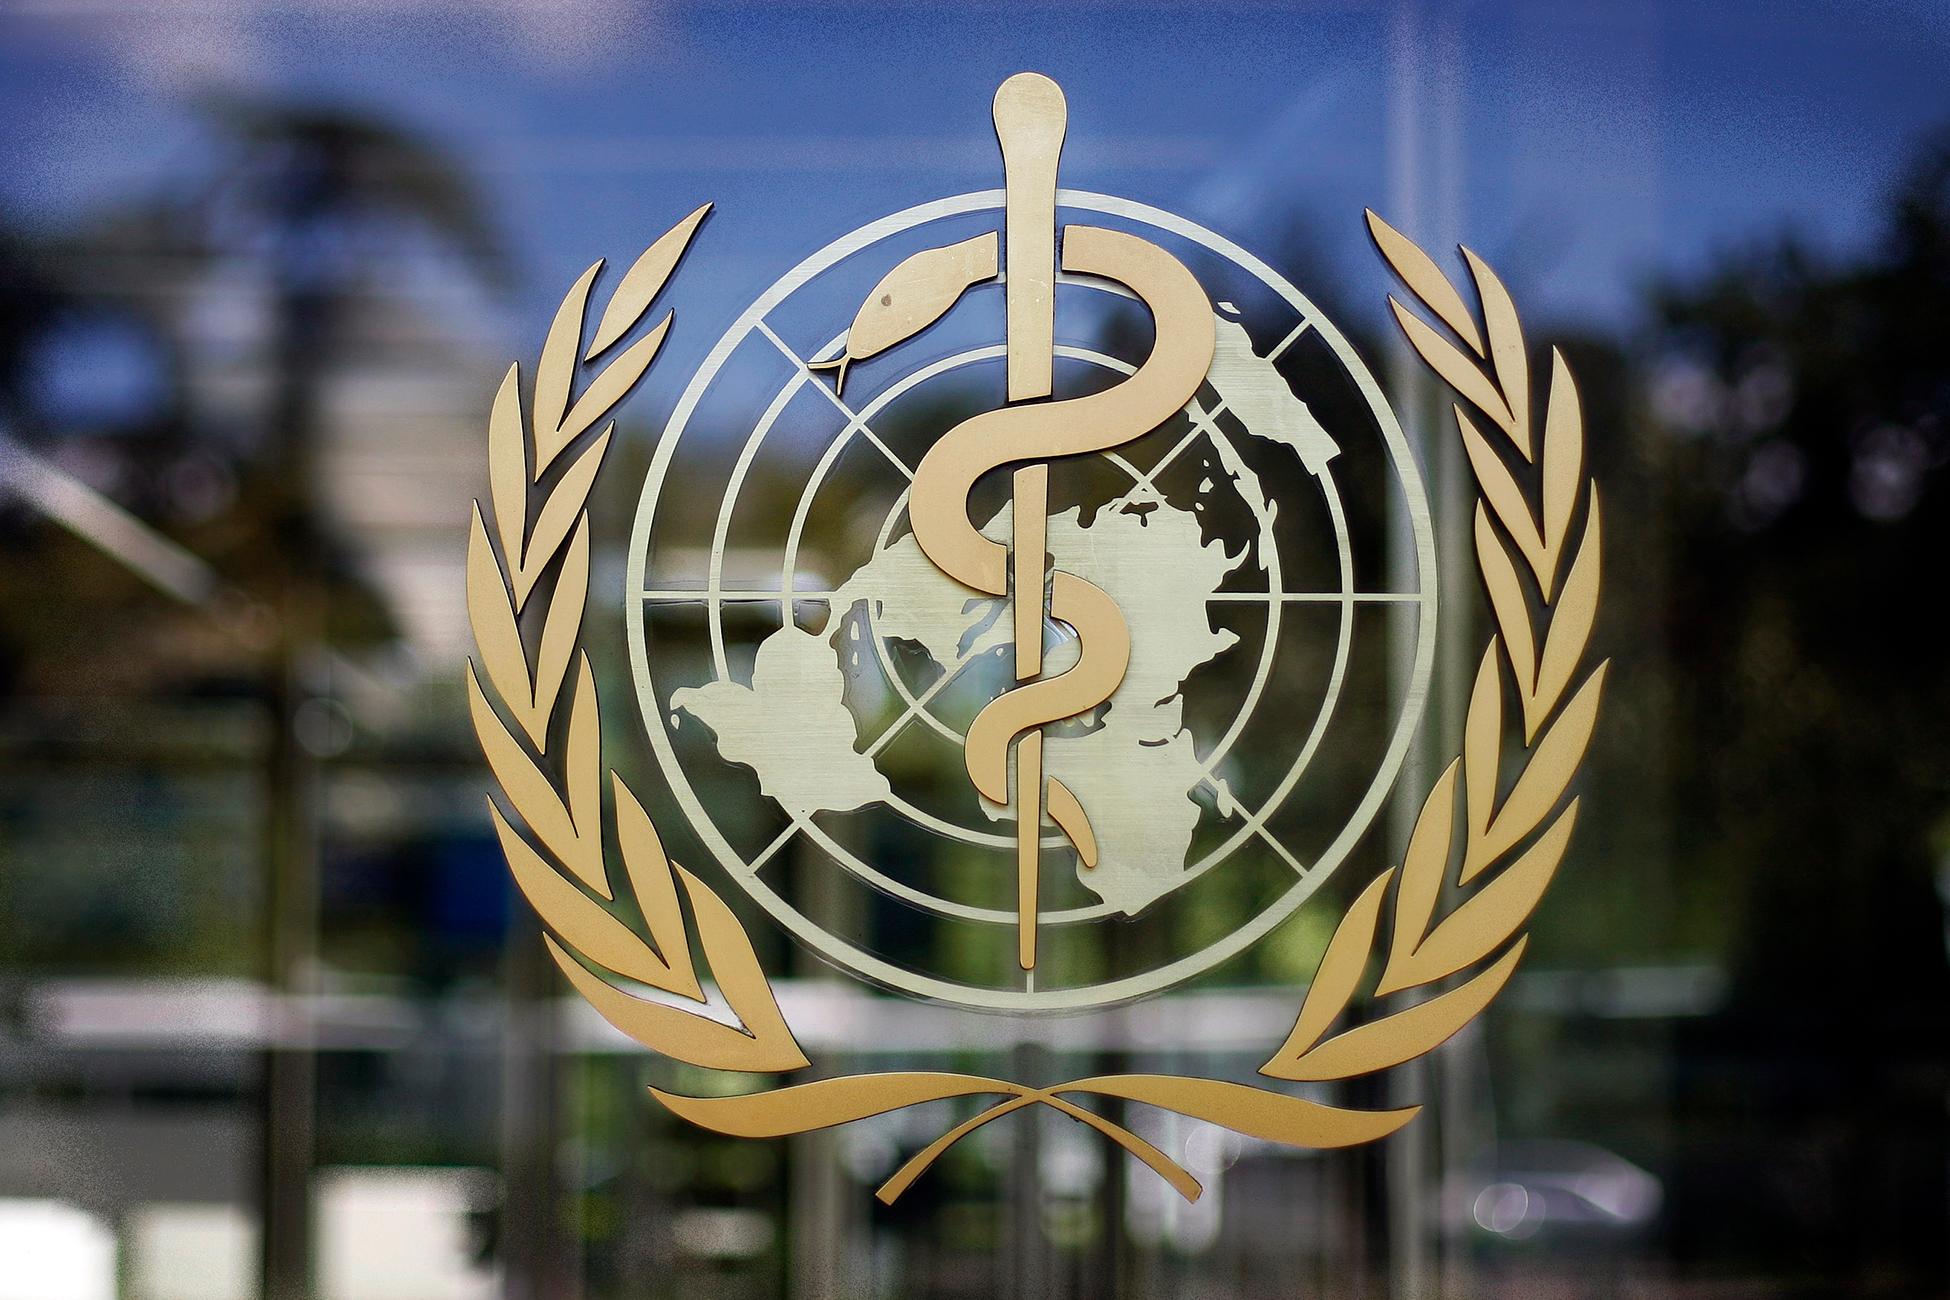 Глава ВОЗ считает, что мир на пороге новой опасности из-за пандемии COVID-19